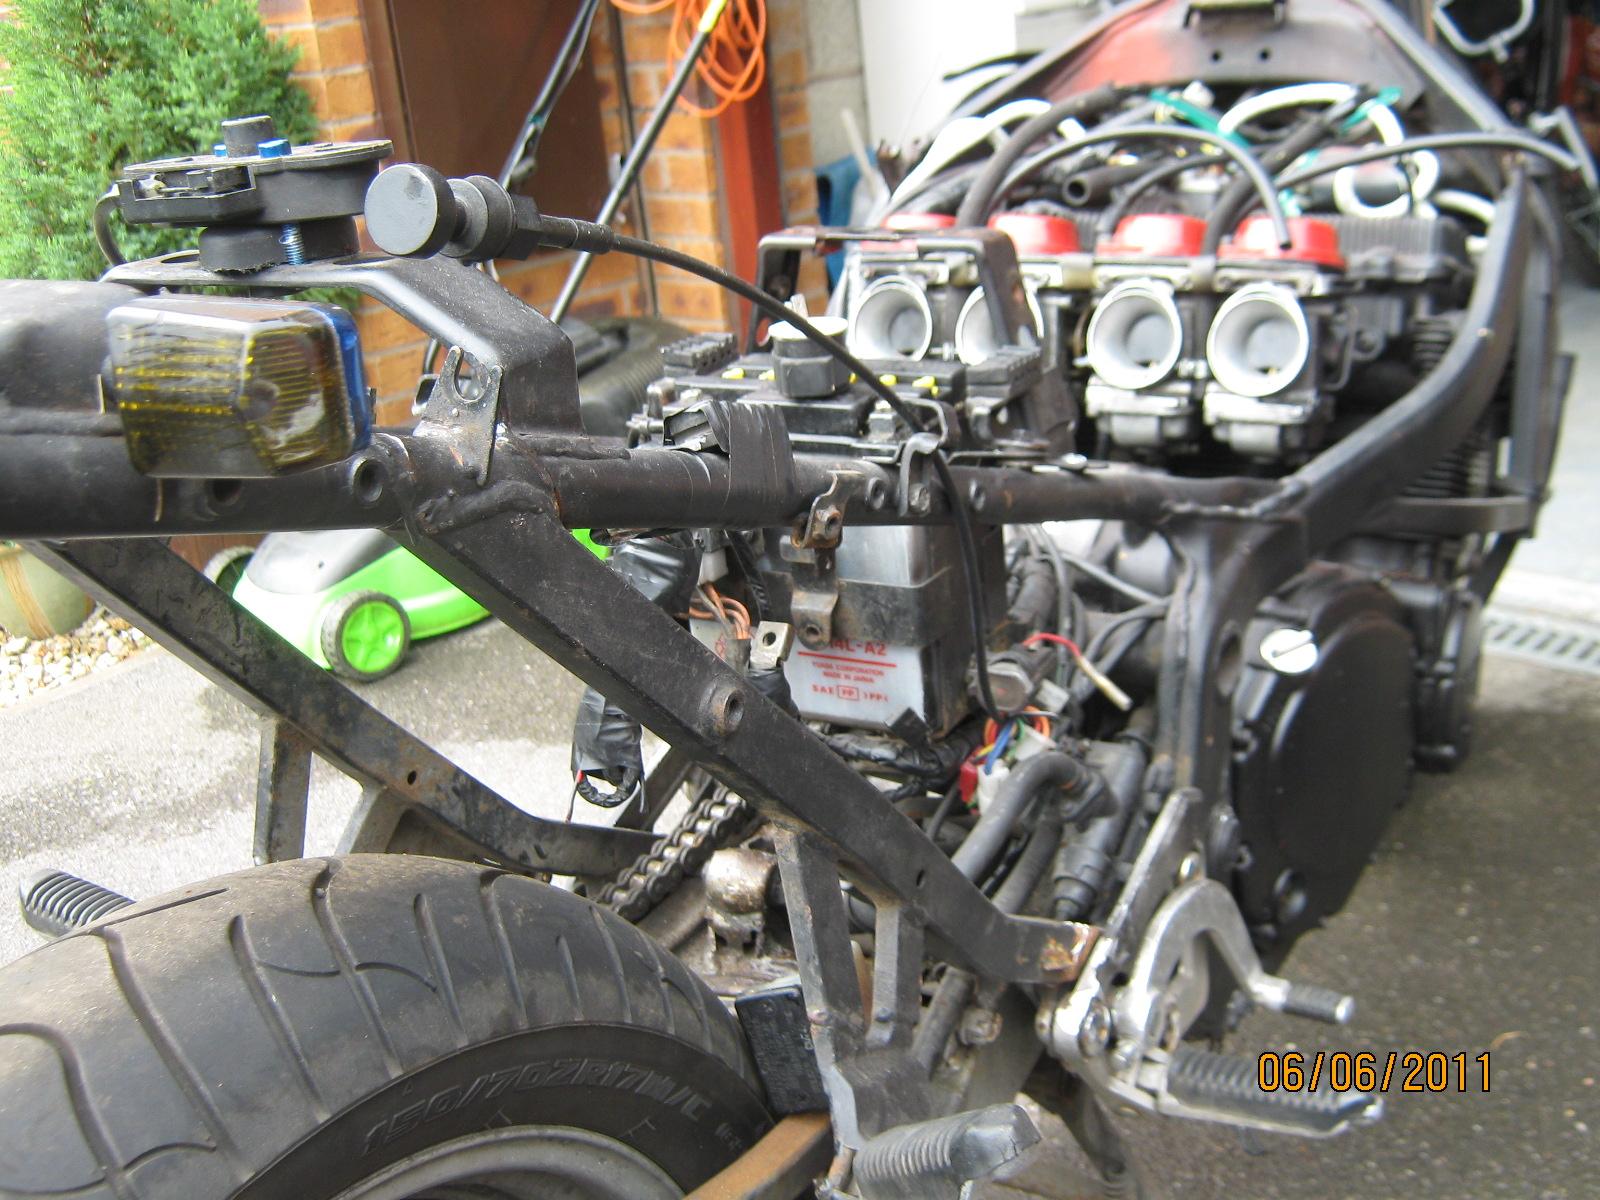 hight resolution of suzuki gsx 750 f wiring diagram trusted wiring diagram suzuki lt 125 tires 125 suzuki 4